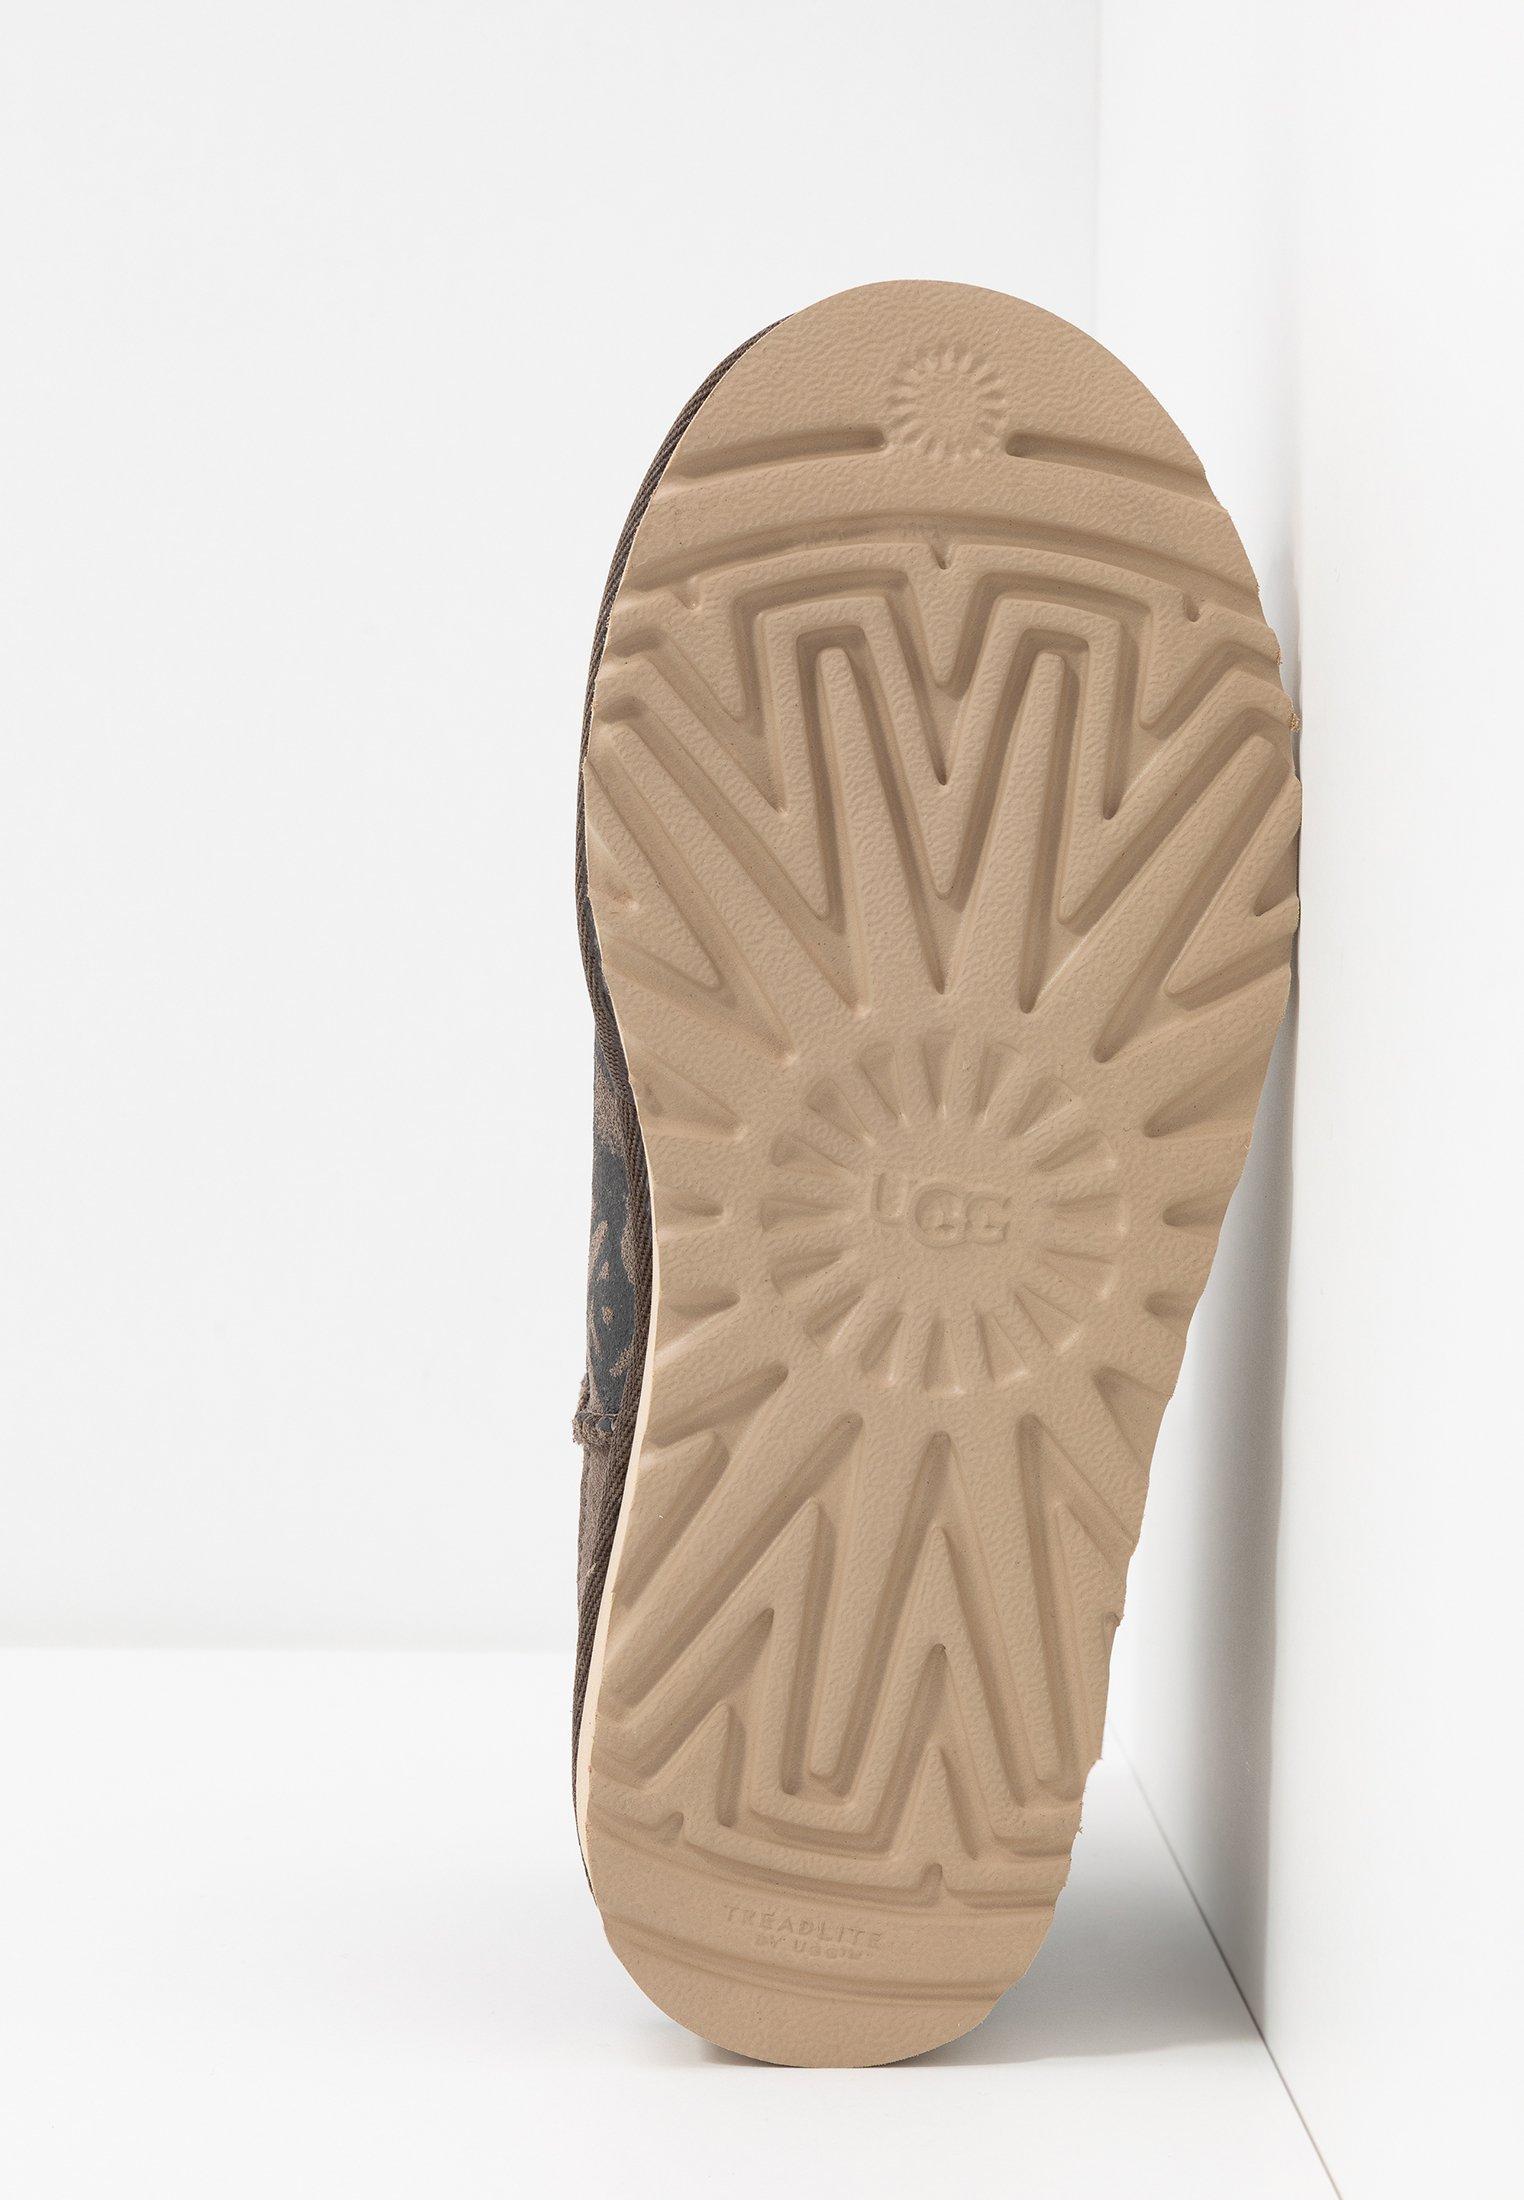 La migliore vendita Scarpe da Donna UGG CLASSIC STREET GRAFFITI MINI Stivaletti slate